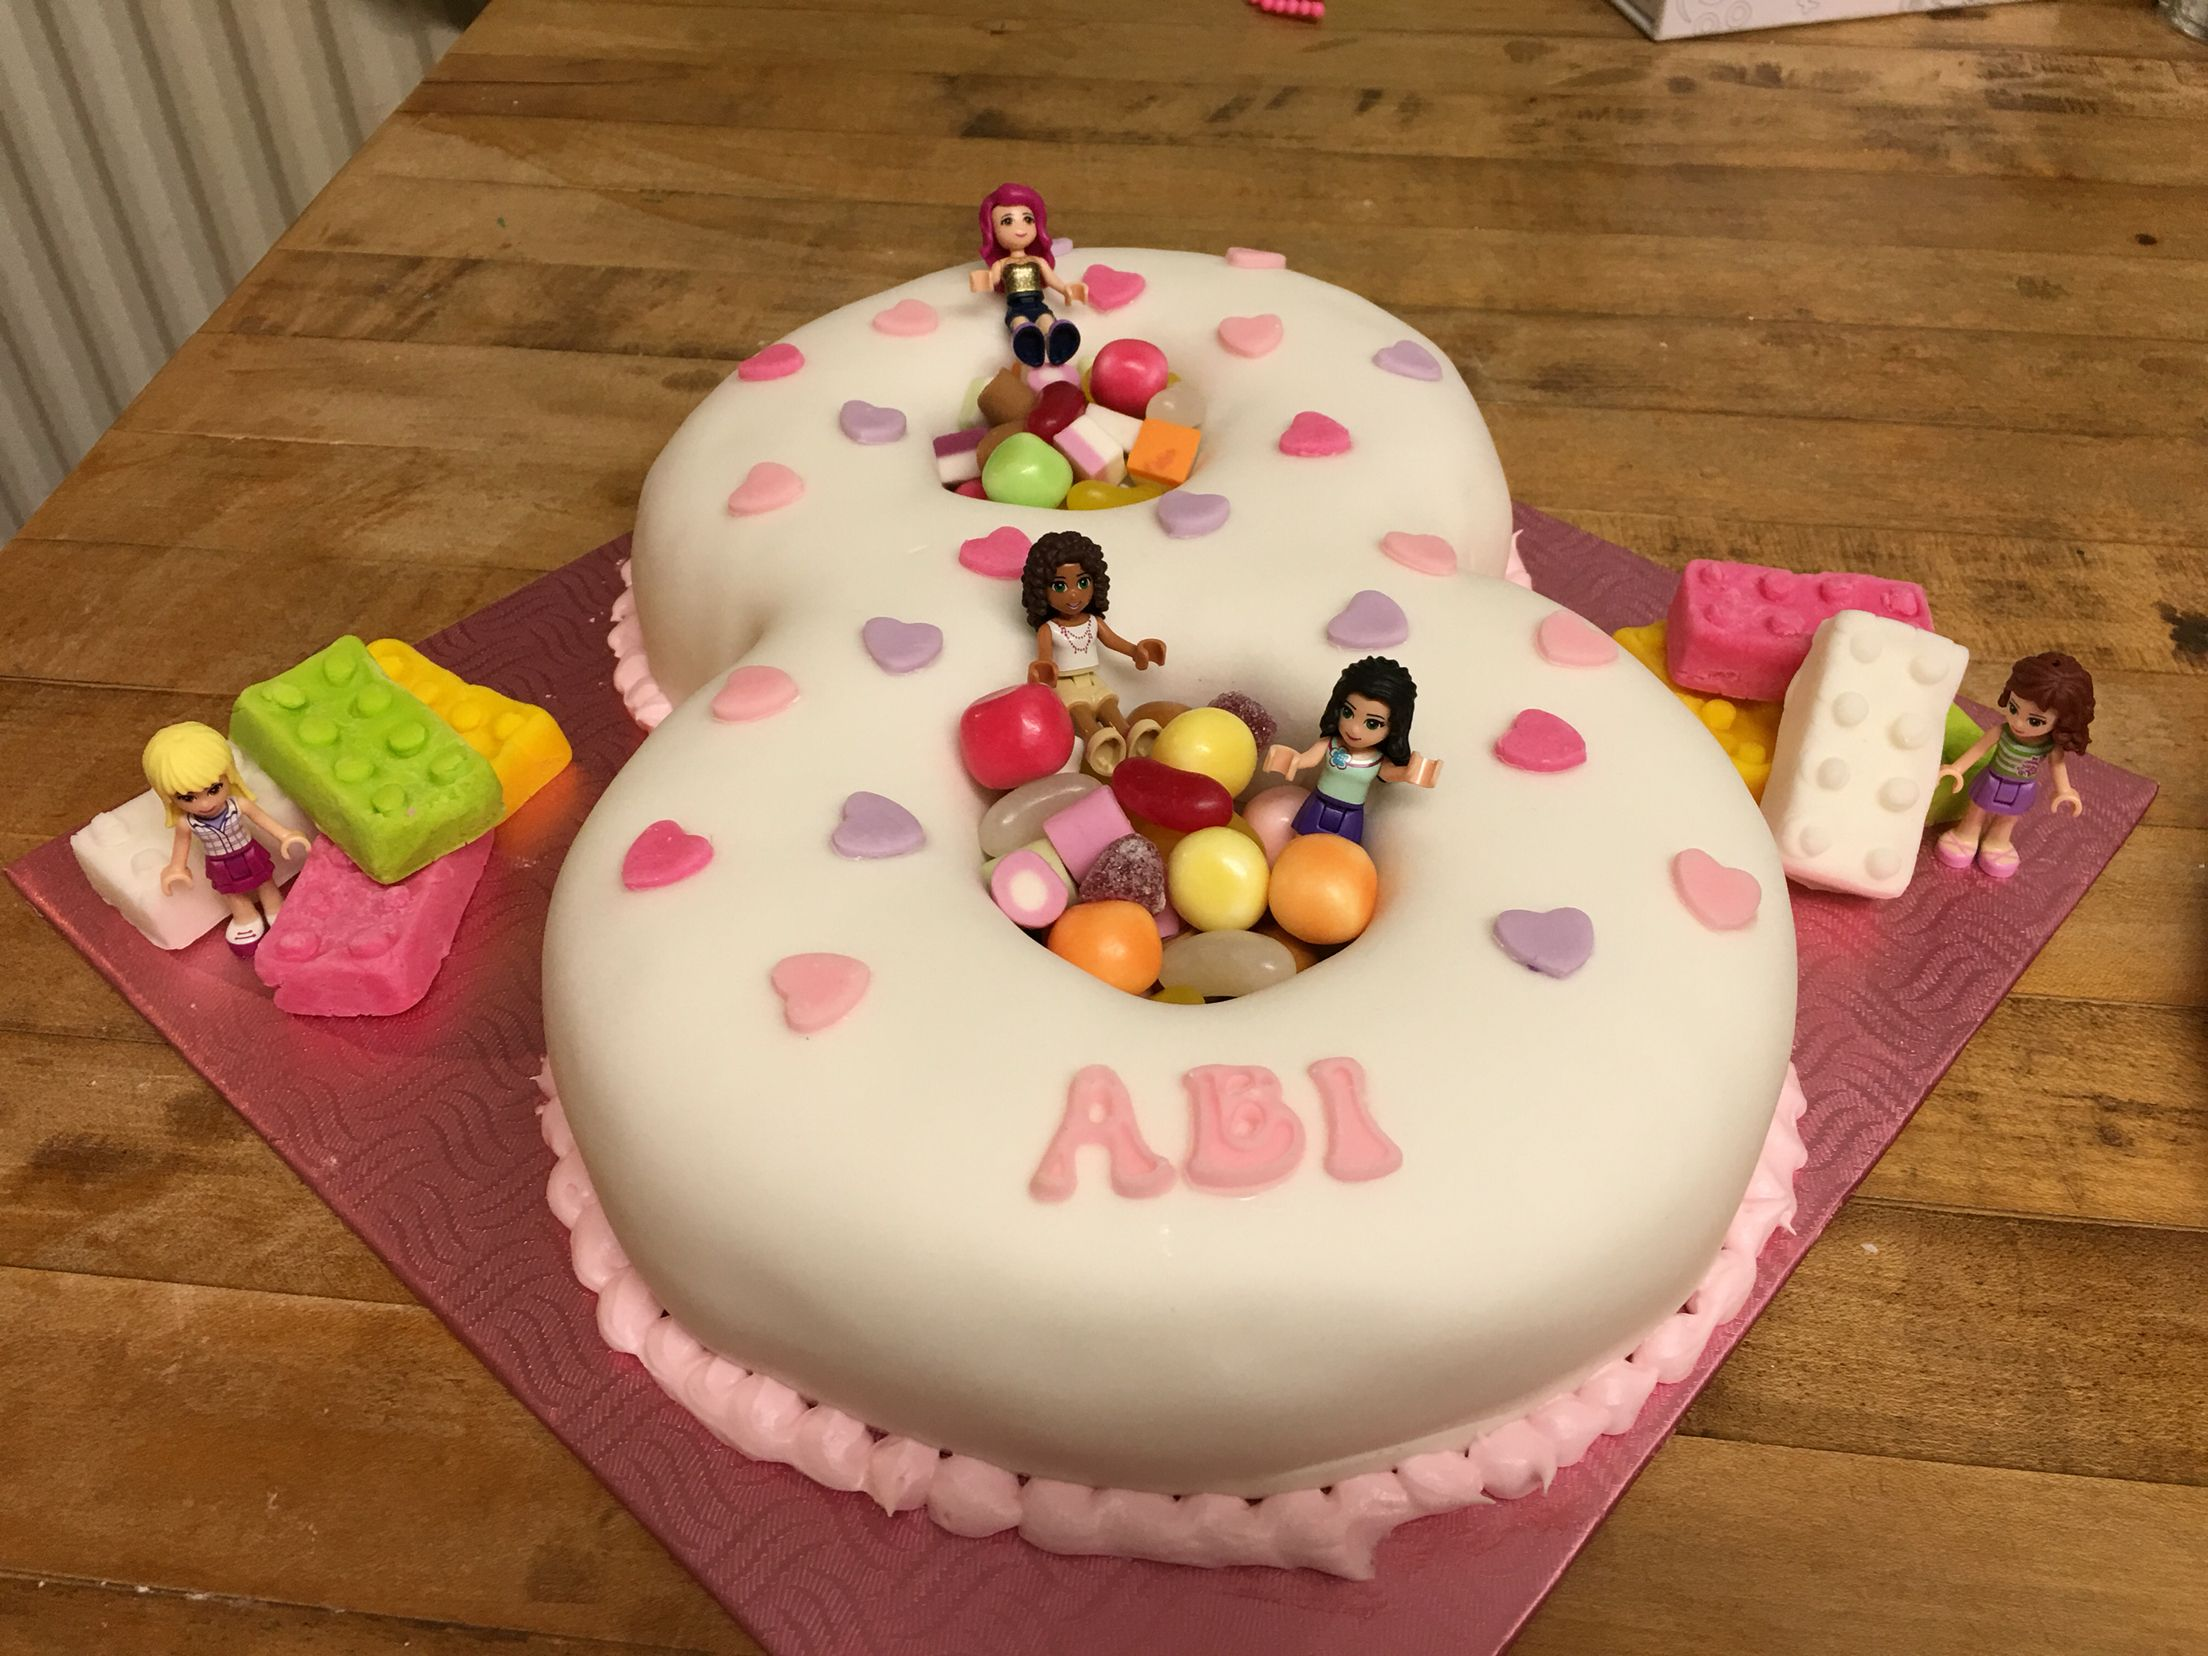 Girls 8th Birthday Cake Lego Friends Birthday Cakes Pinterest